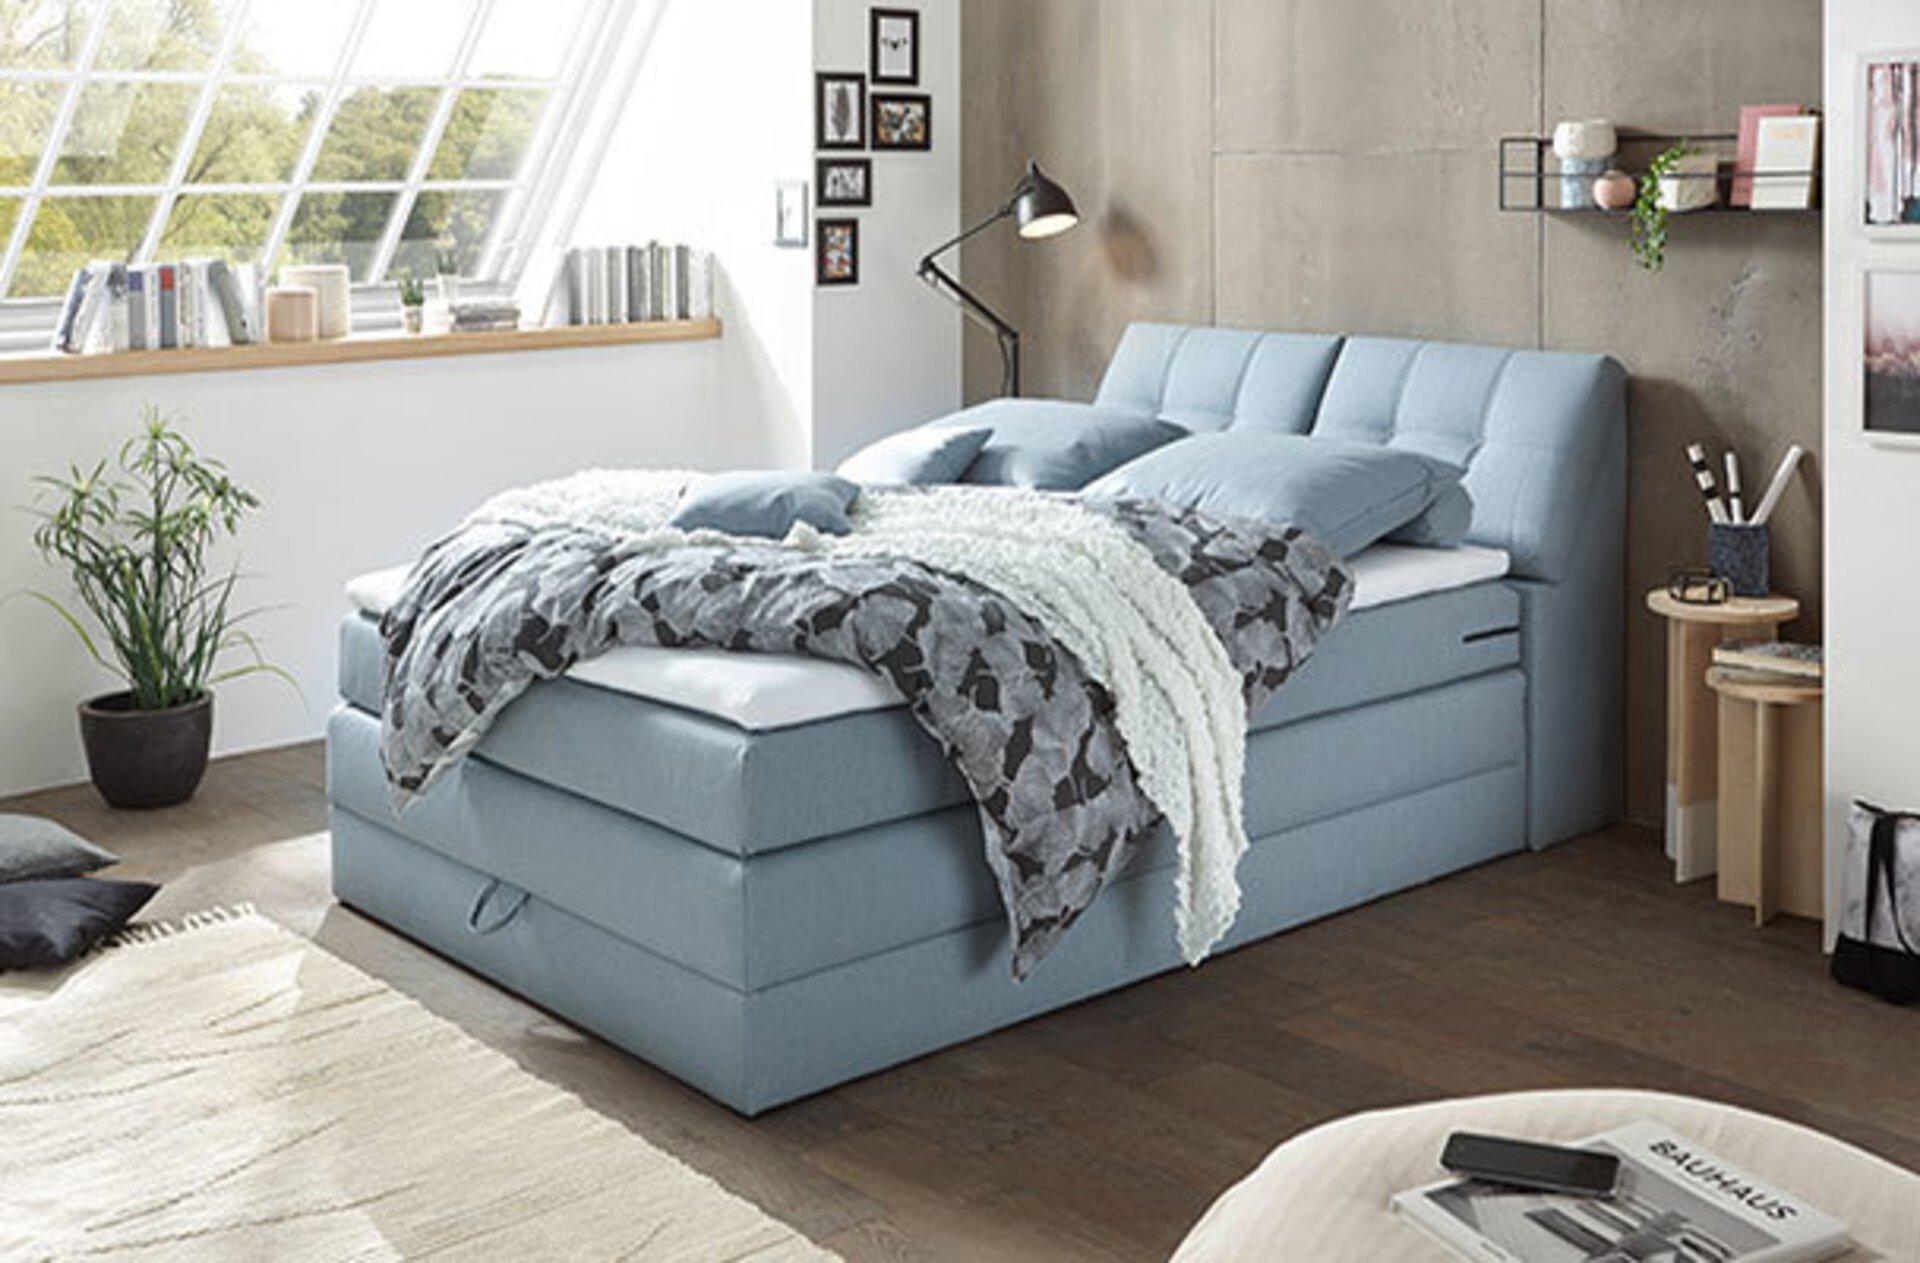 """Boxspringbett mit einer Liegefläche von 140x200 cm und hellblauem Polsterbezug. Das Bild dient als drittes Milieubild für den Inspirationsbereich  """"Boxspringbett""""."""